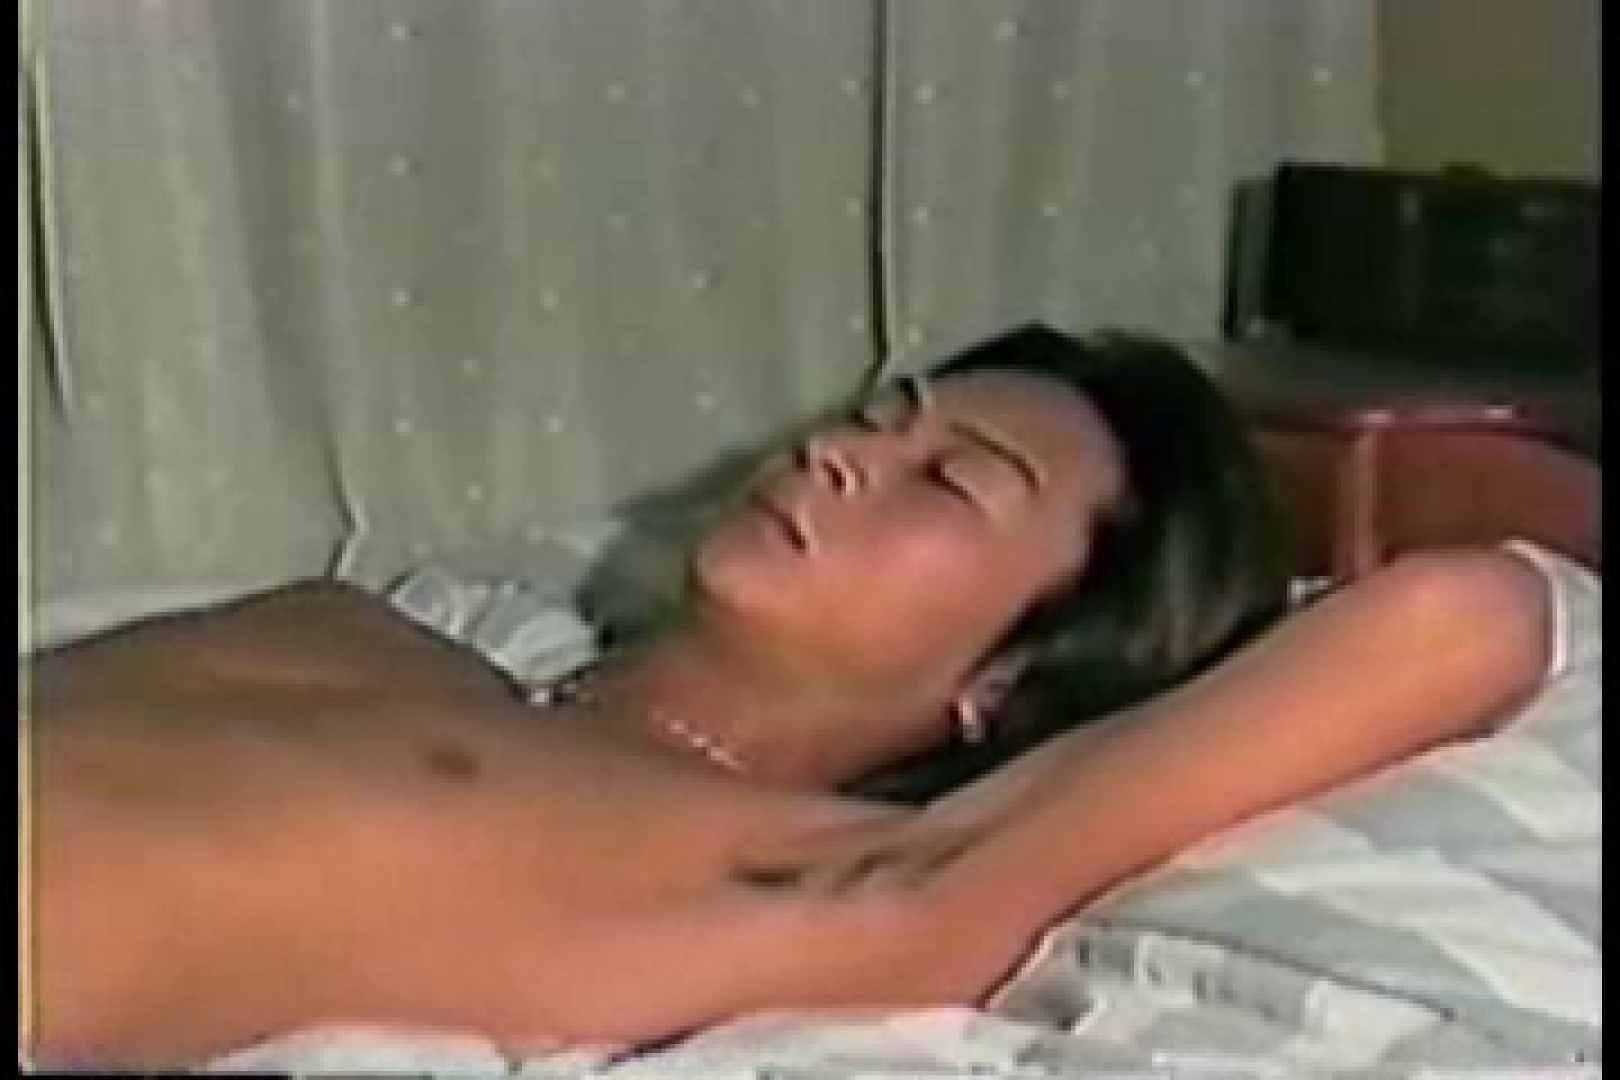 【個人投稿作品】お金の為なら何でもやりまっせ!! 射精 GAY無修正エロ動画 95枚 4